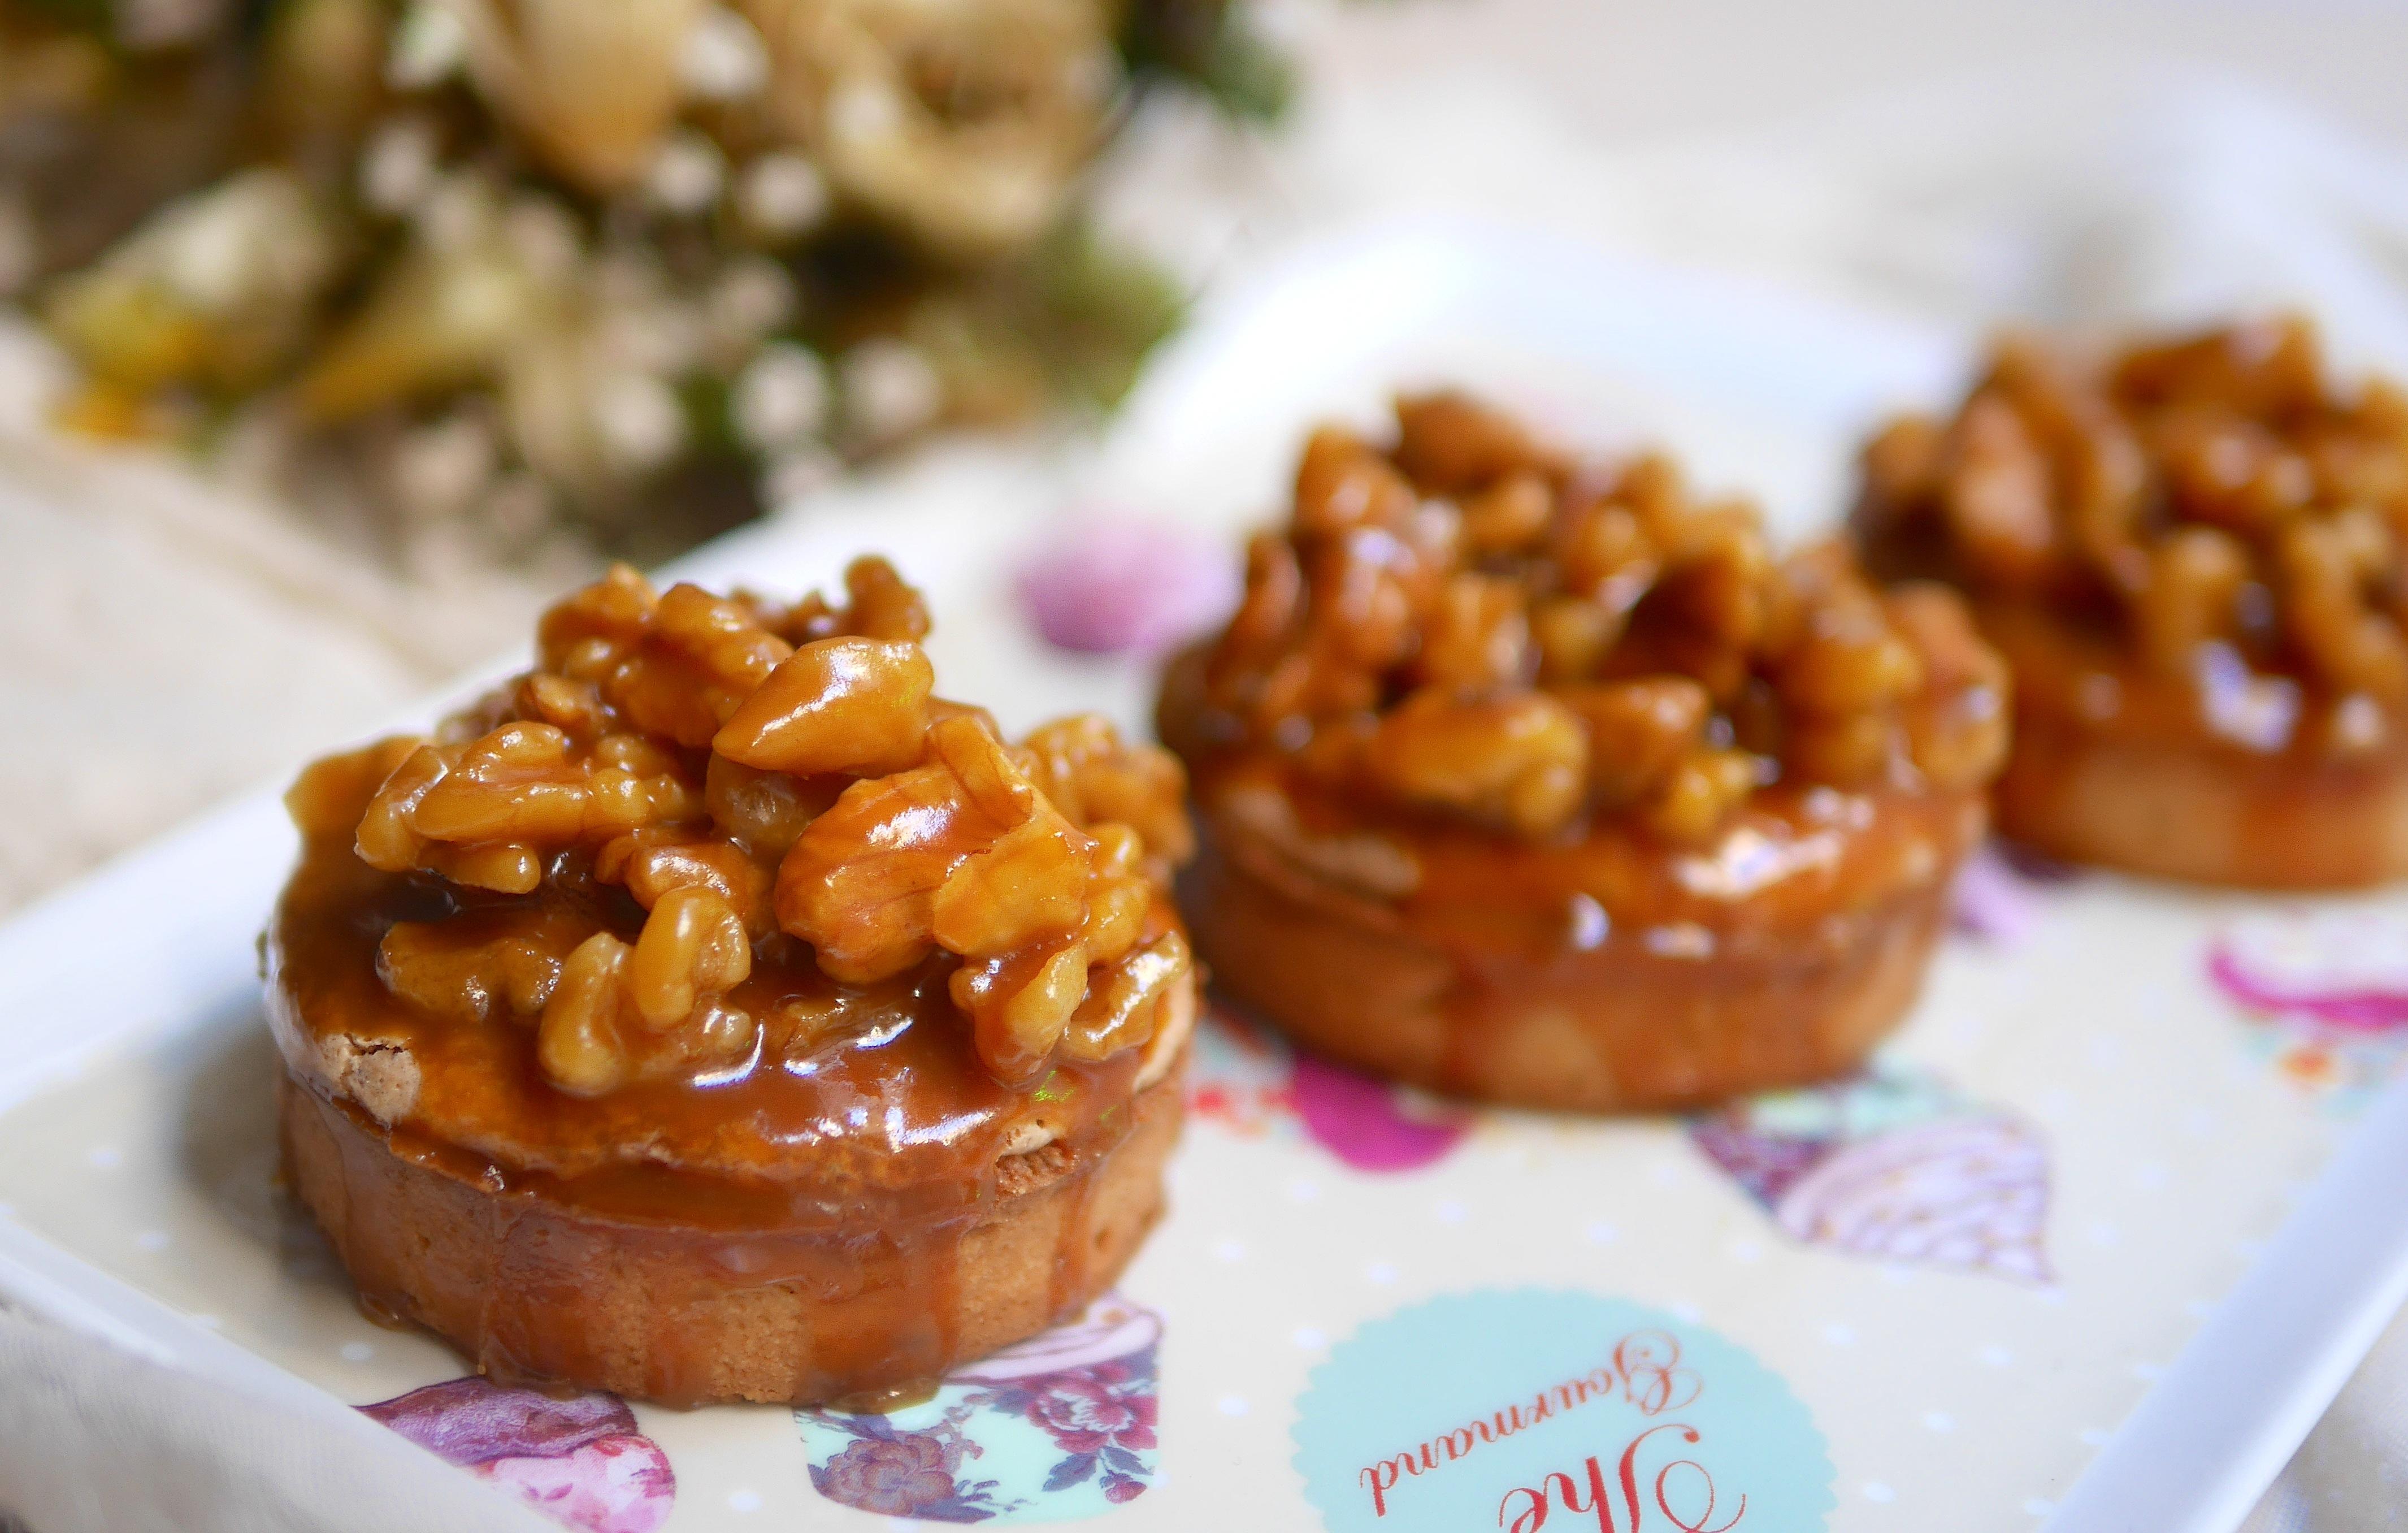 Tartelettes aux noix et caramel beurre salé pour un dessert d'automne sain & gourmand ;-)